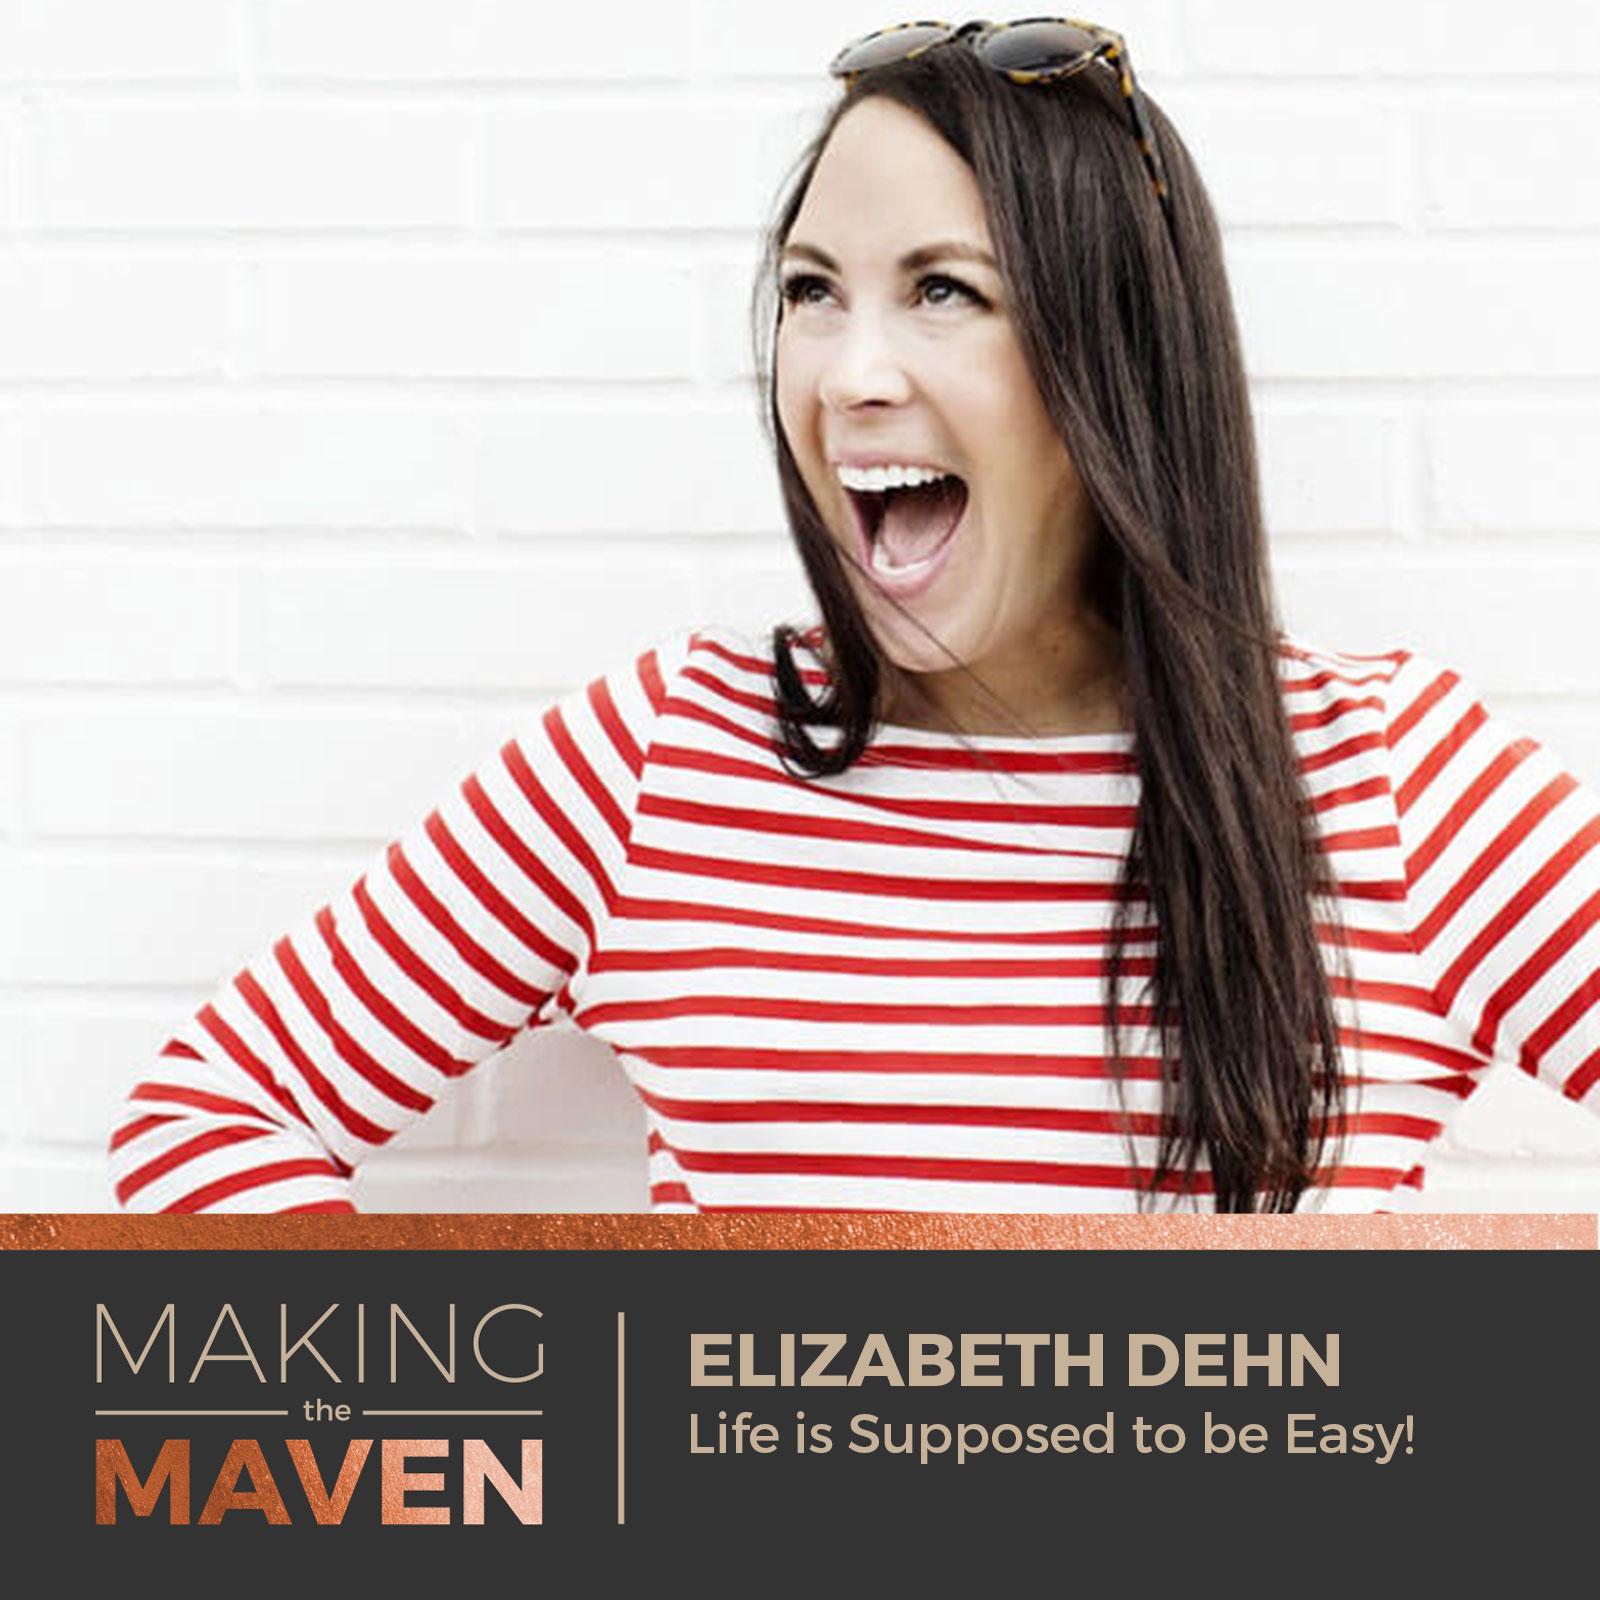 Elizabeth Dehn